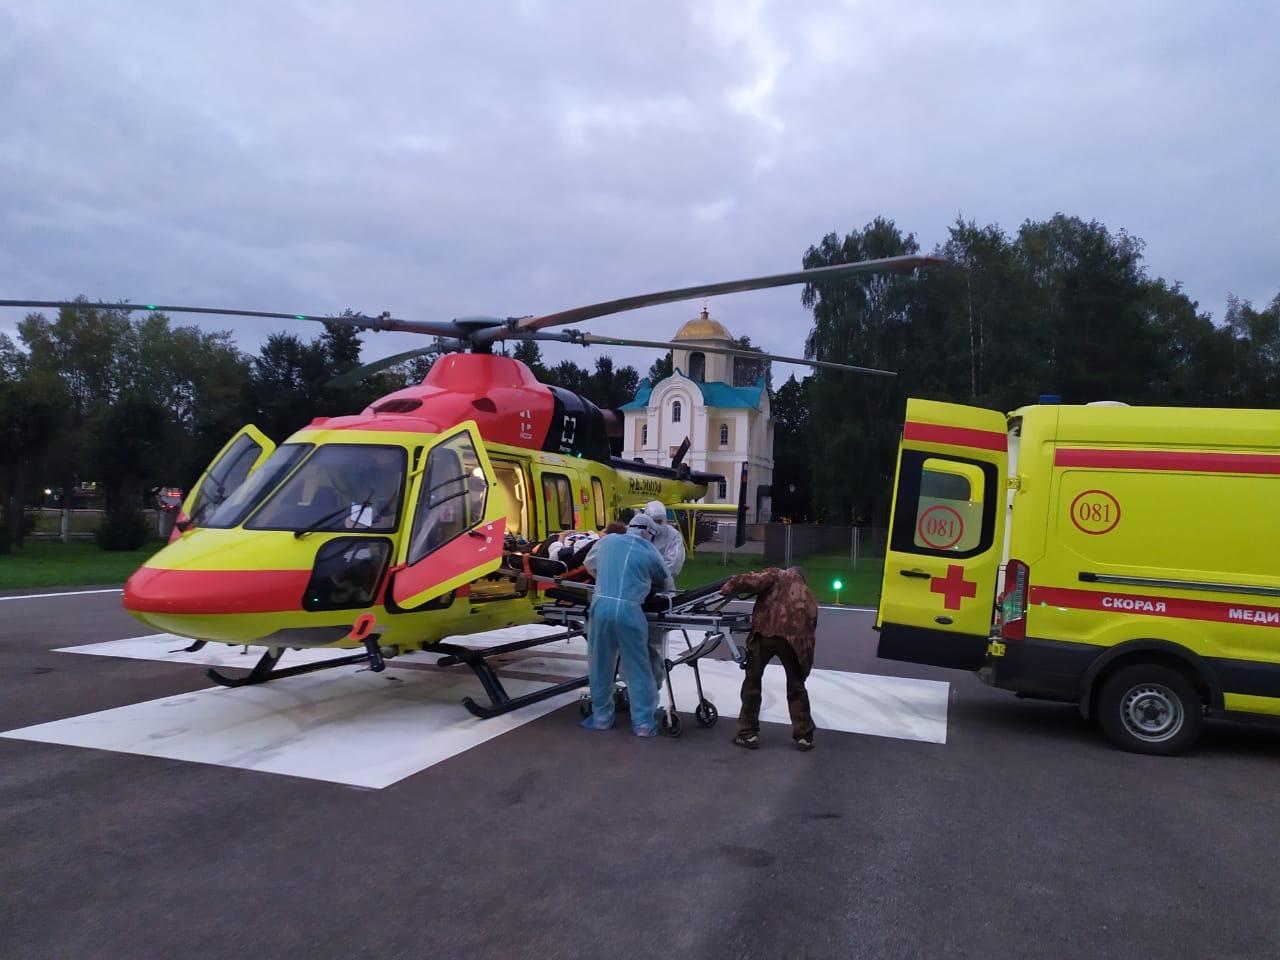 Женщину со стенозом трахеи экстренно доставили на вертолете в Тверь